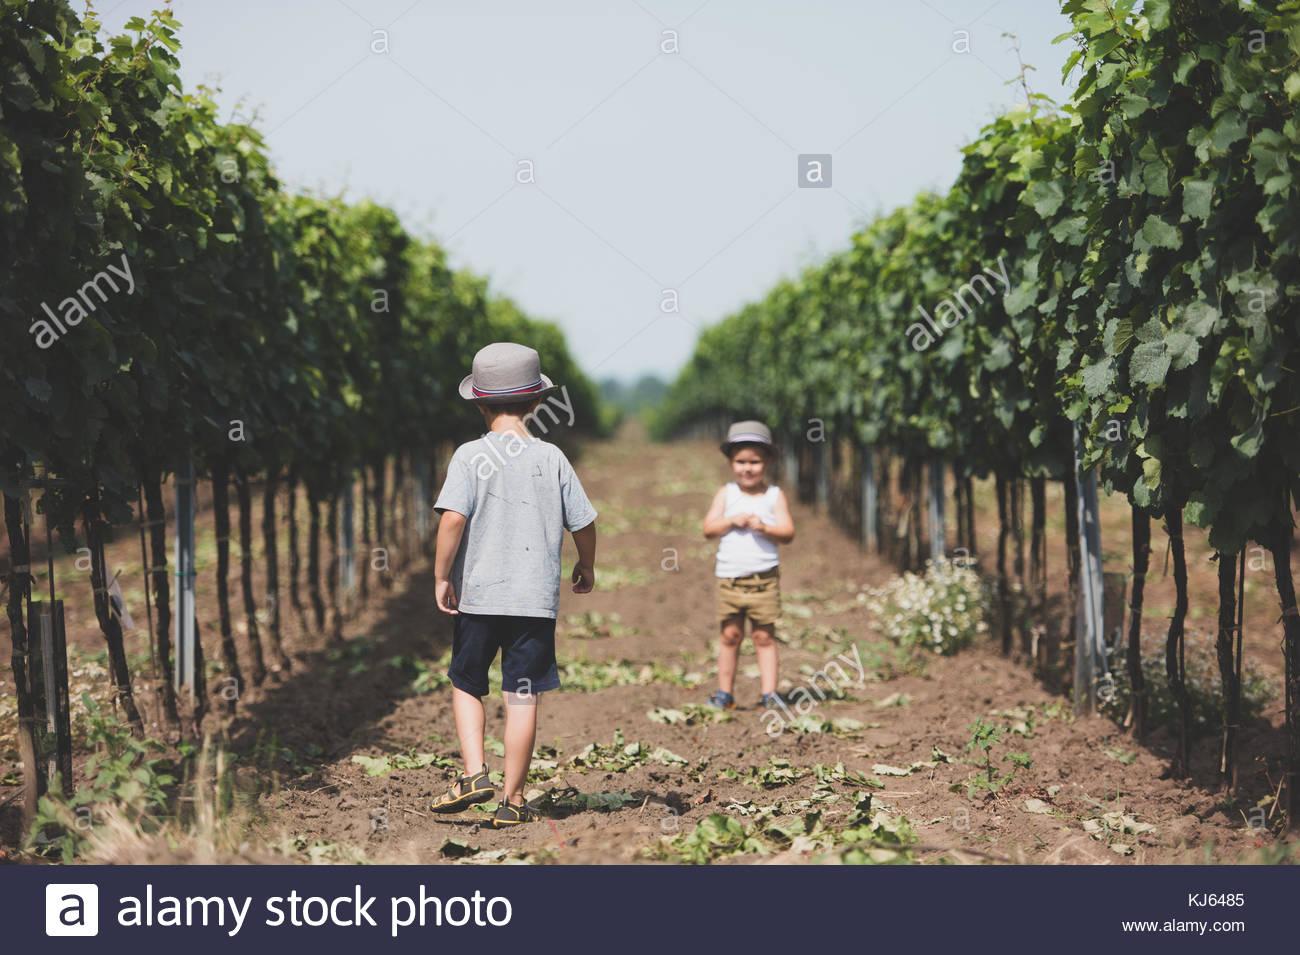 Kinder von Reben auf dem Land Stockbild